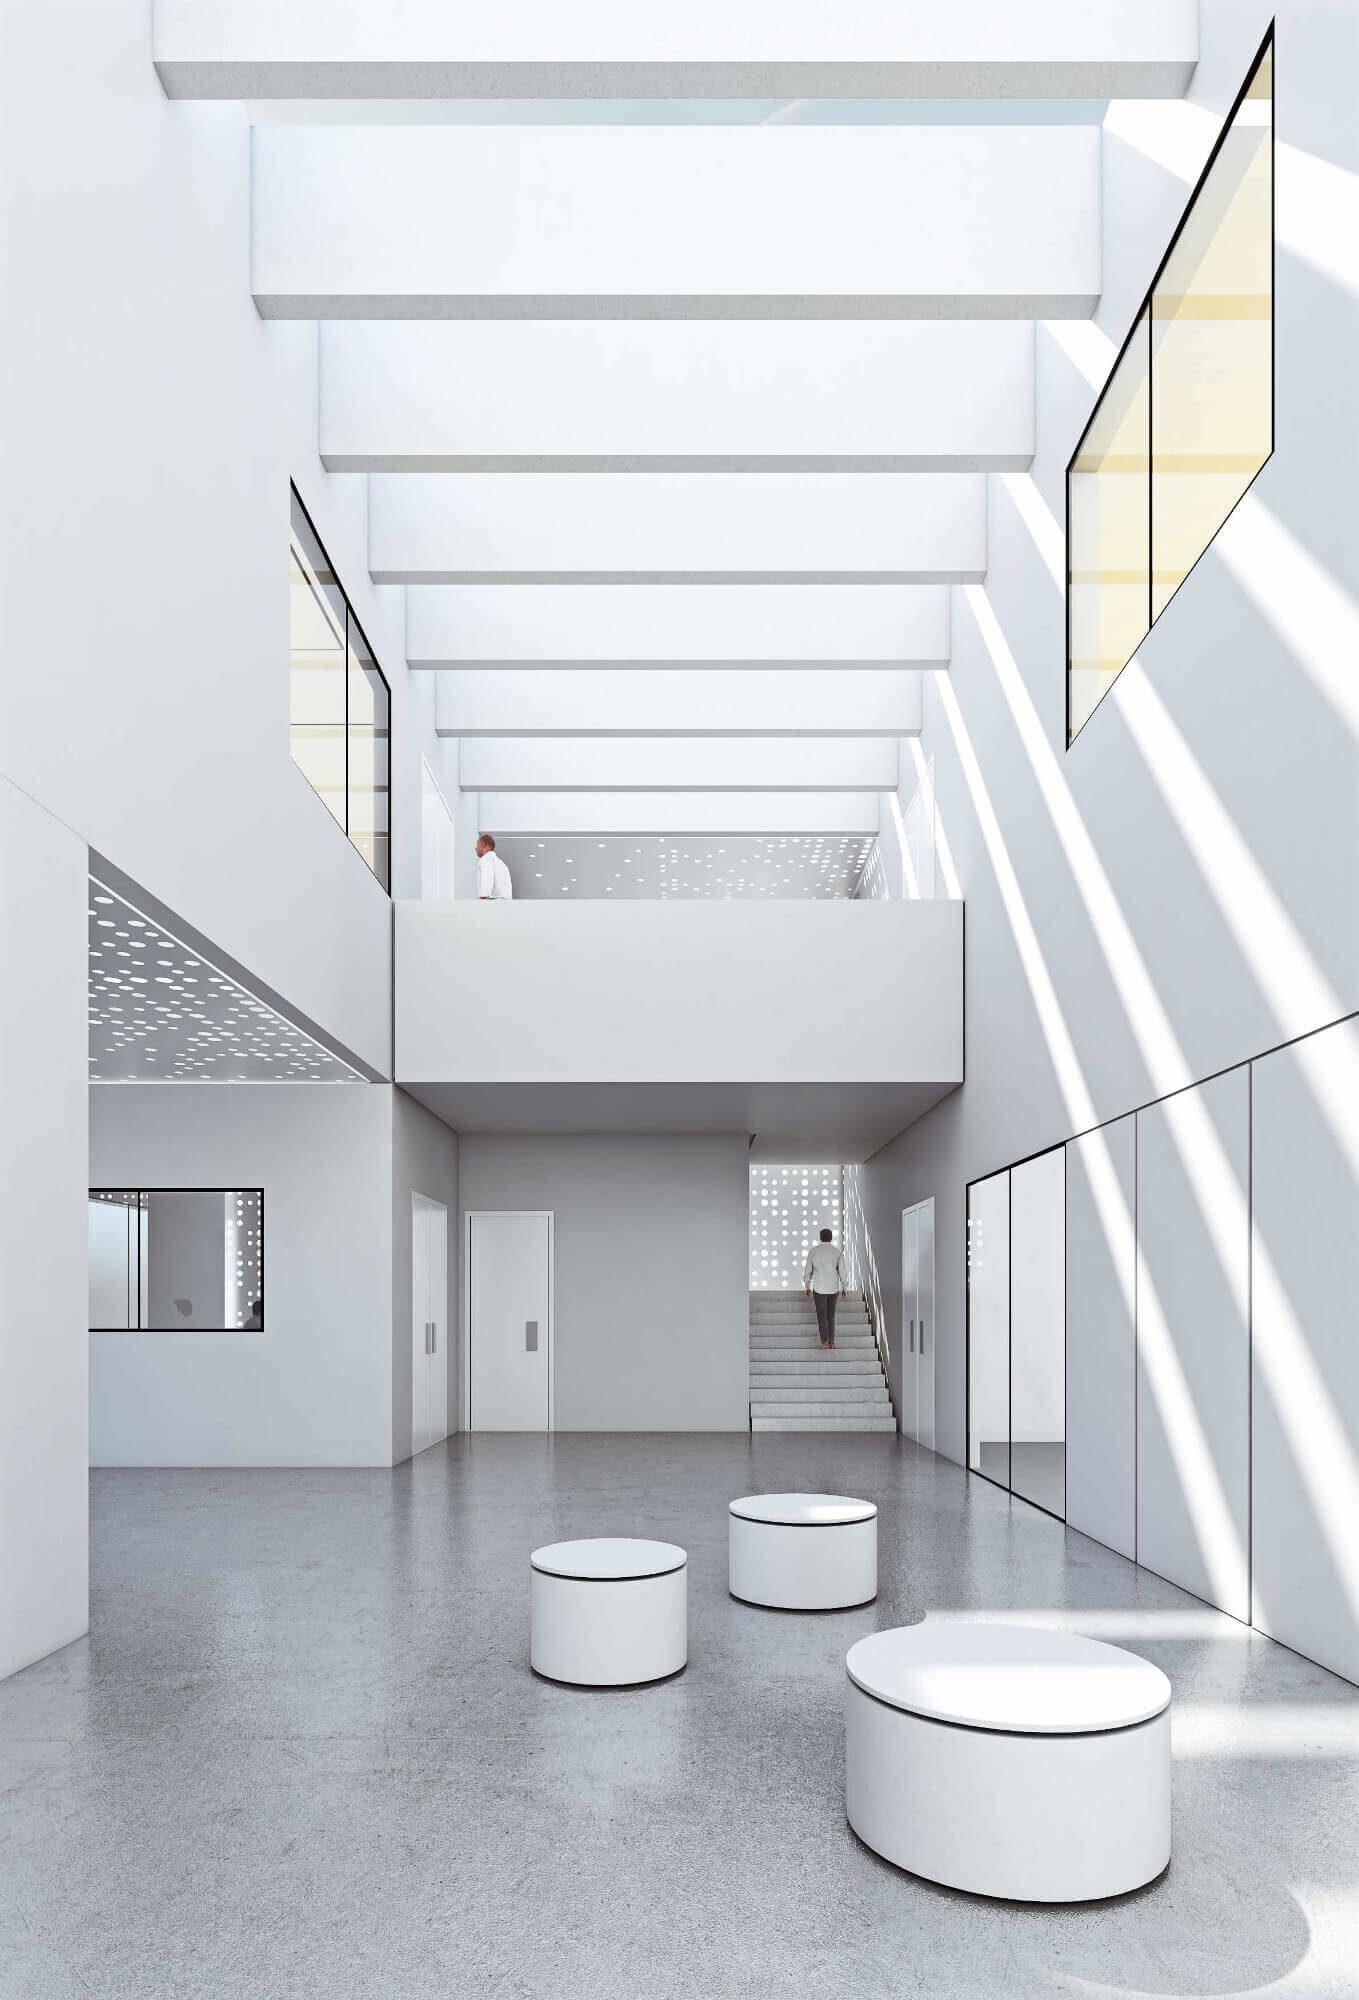 Der visualisierte Innenraum des Entwicklungs- und Innovationszentrum OWA.